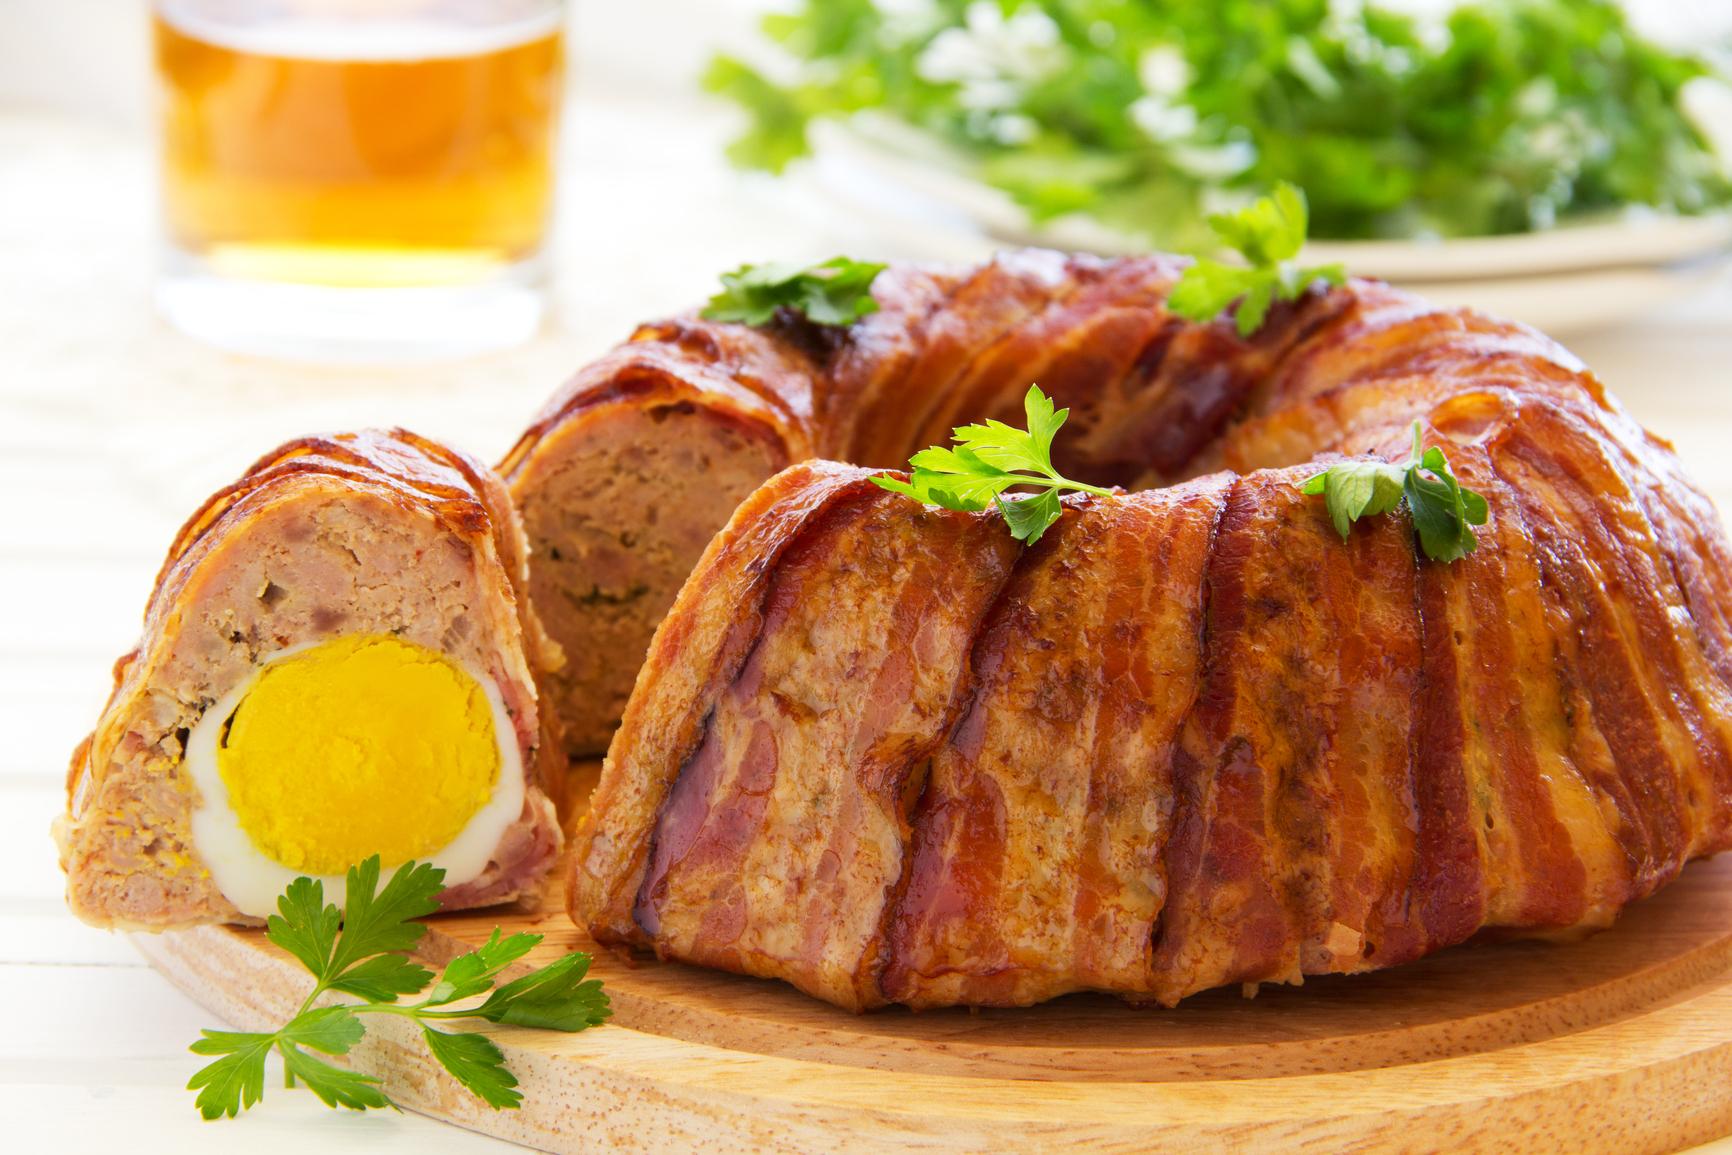 Пирог с индейкой и сыром рецепт с фото пошагово в духовке